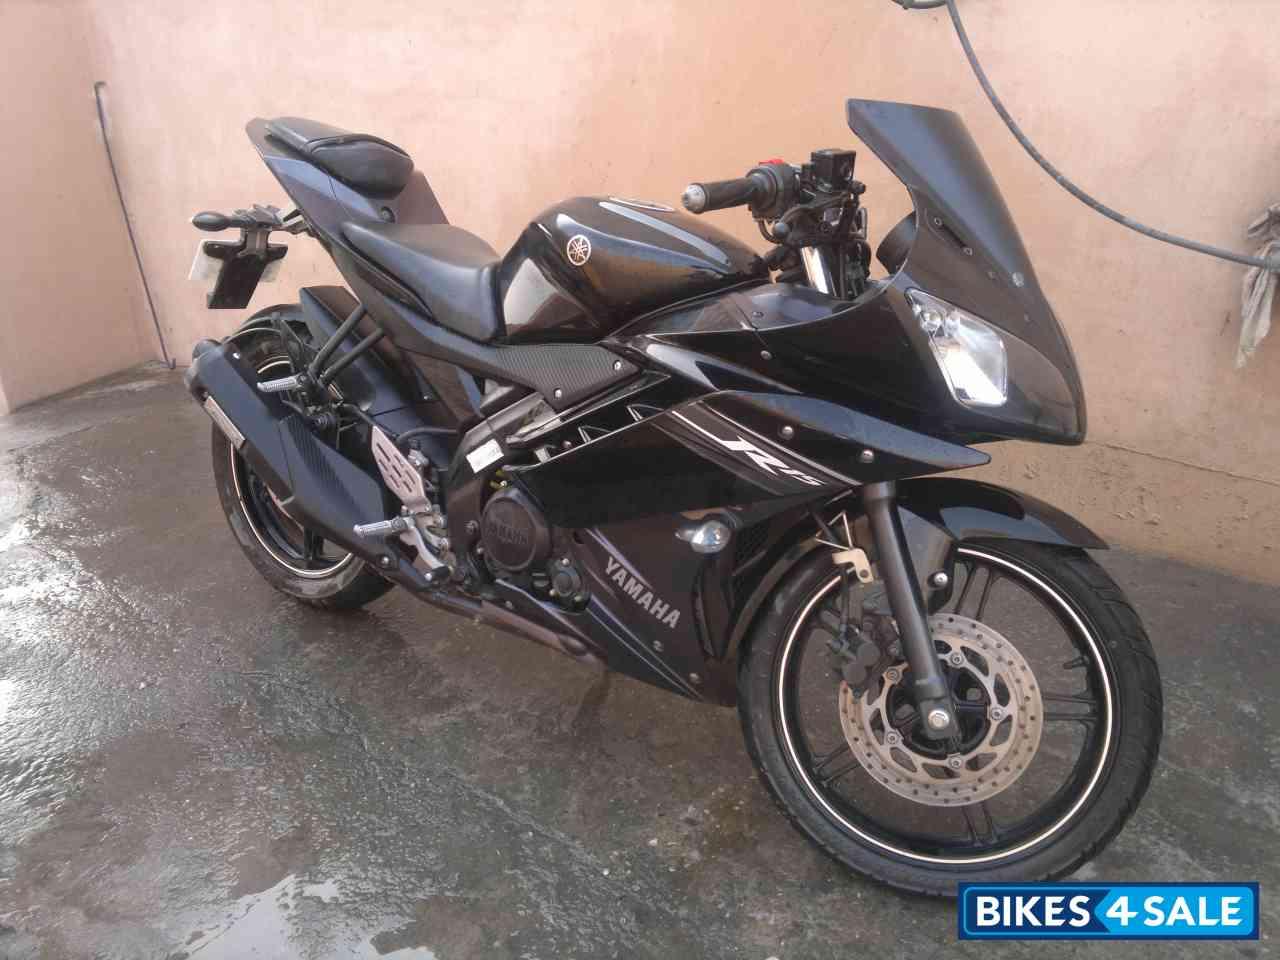 Black Yamaha YZF R15 V2 Photo 1  Album ID - 104874Yamaha R15 Black